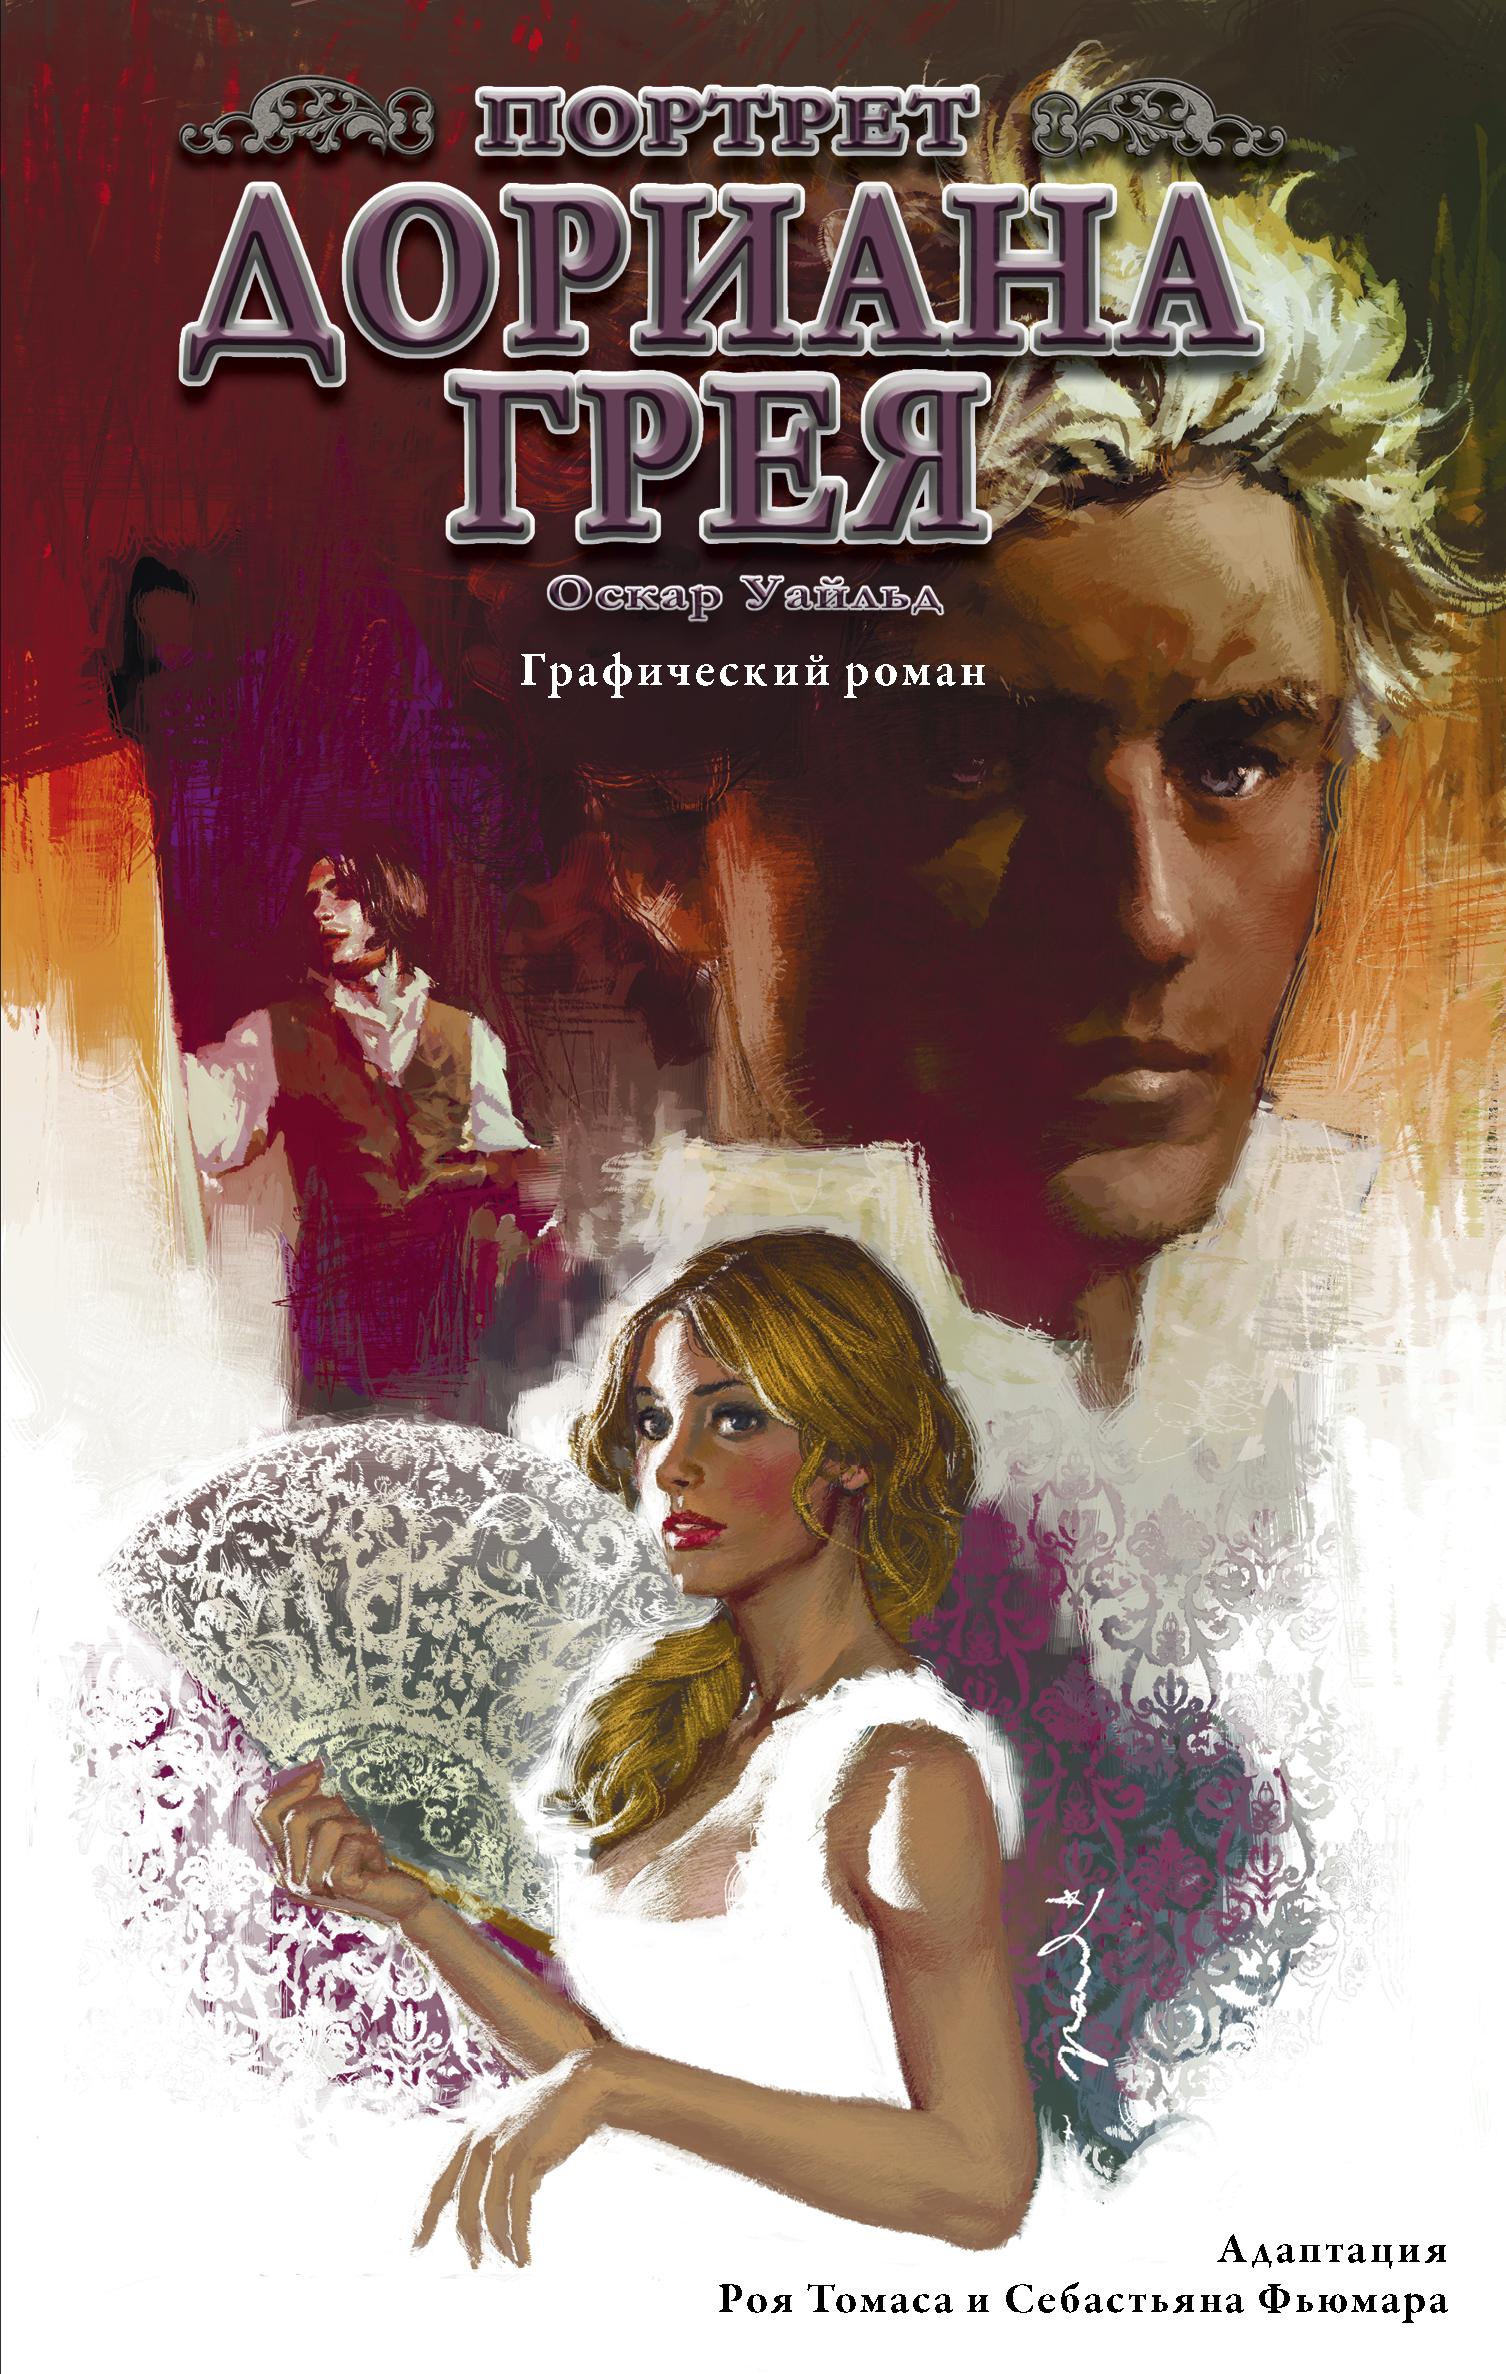 Portret Doriana Greja. Graficheskij roman